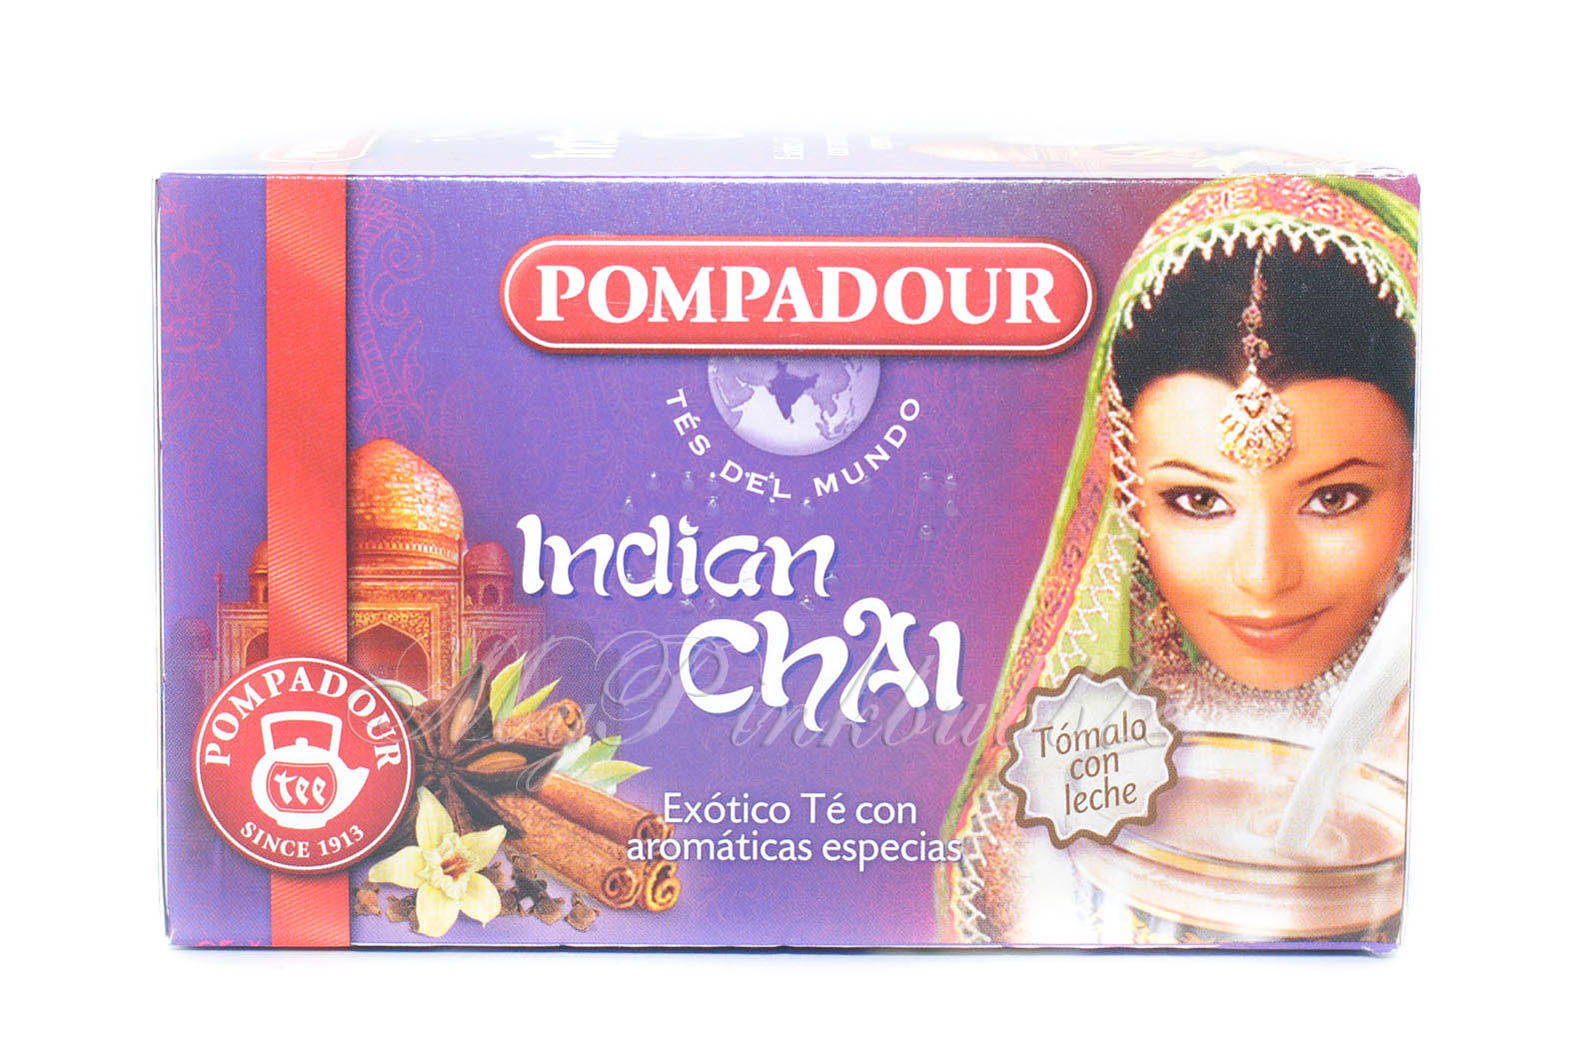 Pompadour Indian chai